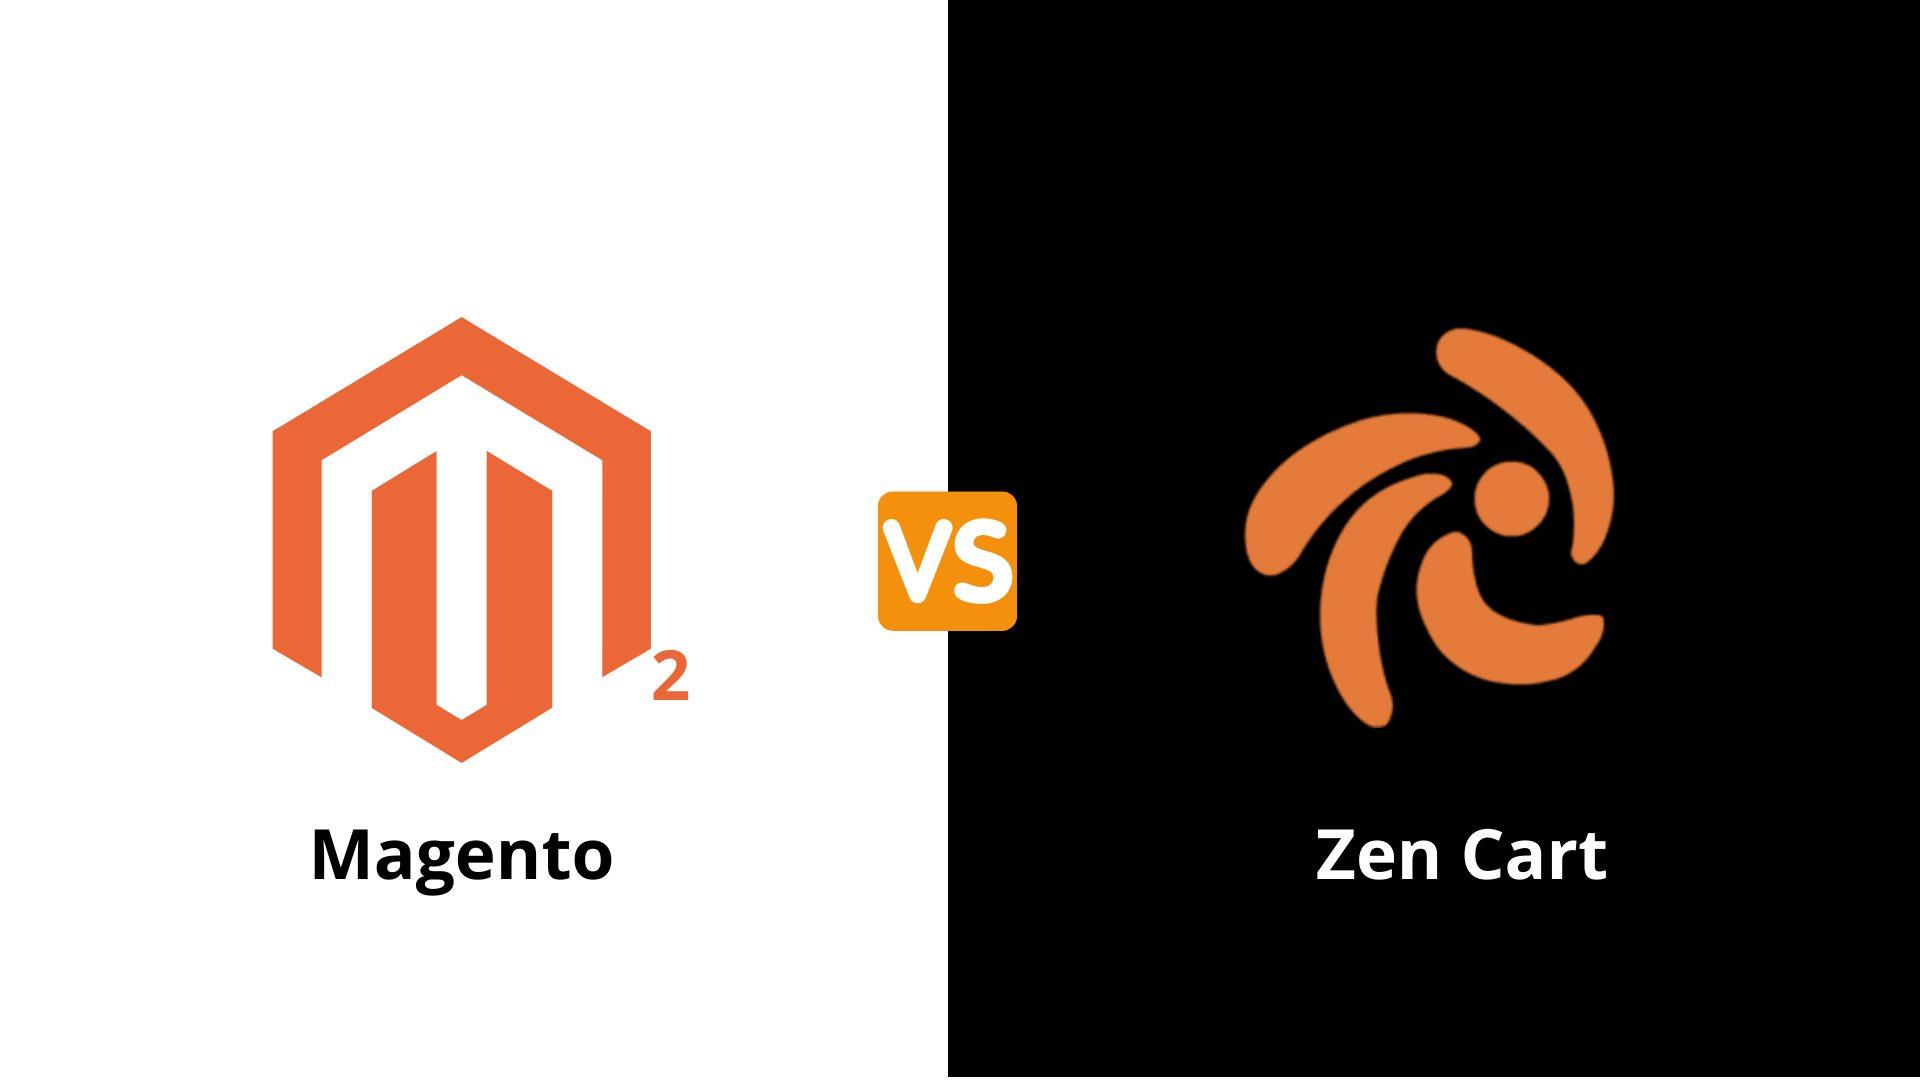 Magento 2 vs Zen Cart